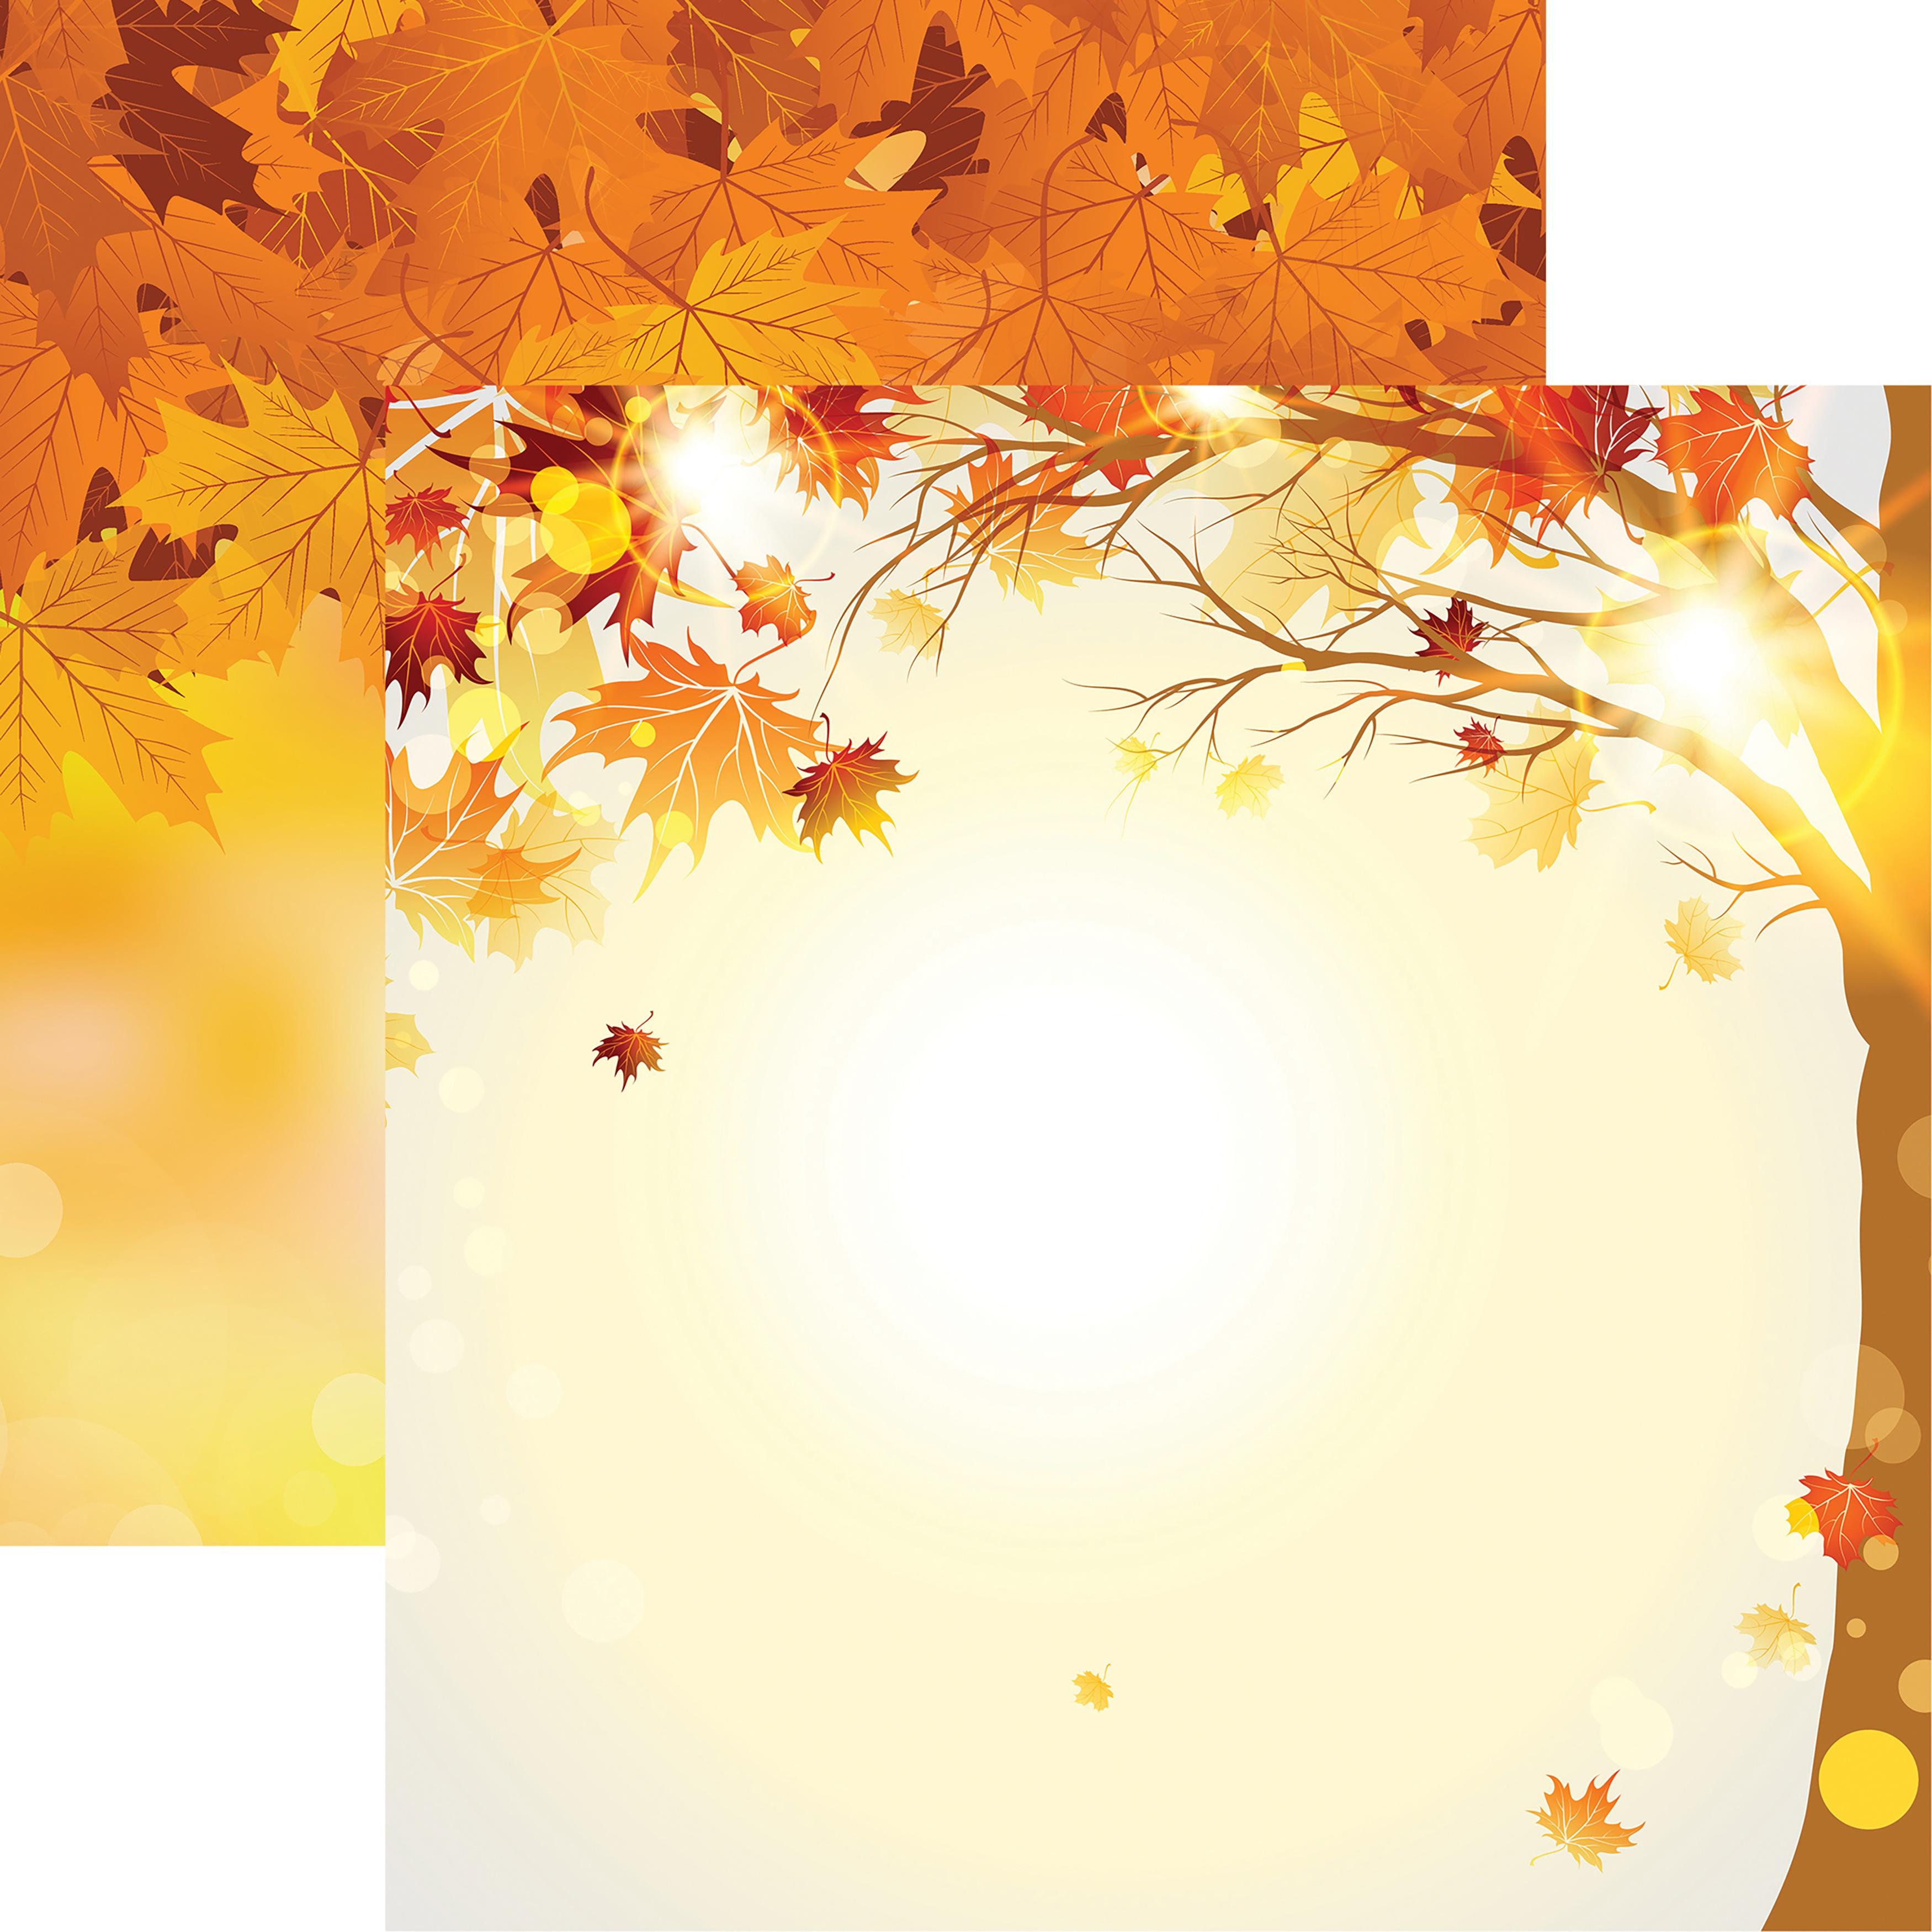 Autumn Splendor Autumn Splendor